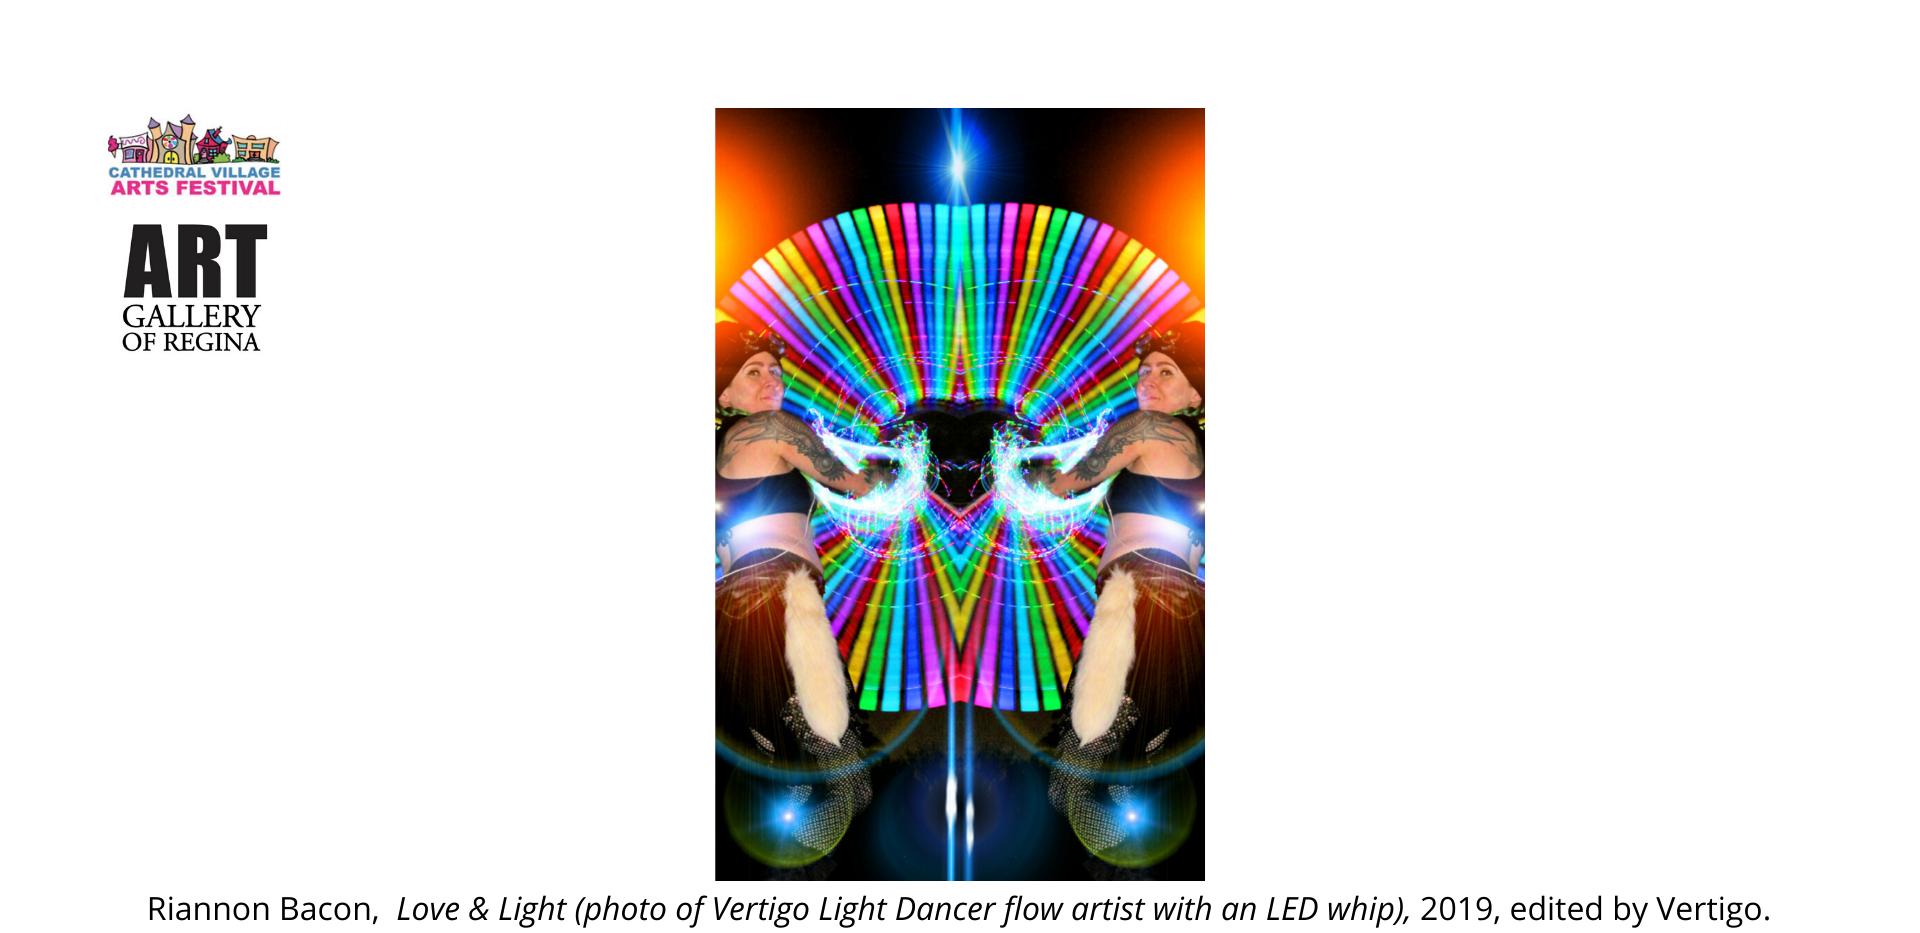 Riannon Bacon,  Love & Light (photo of Vertigo Light Dancer flow artist with an LED whip), 2019, edited by Vertigo.